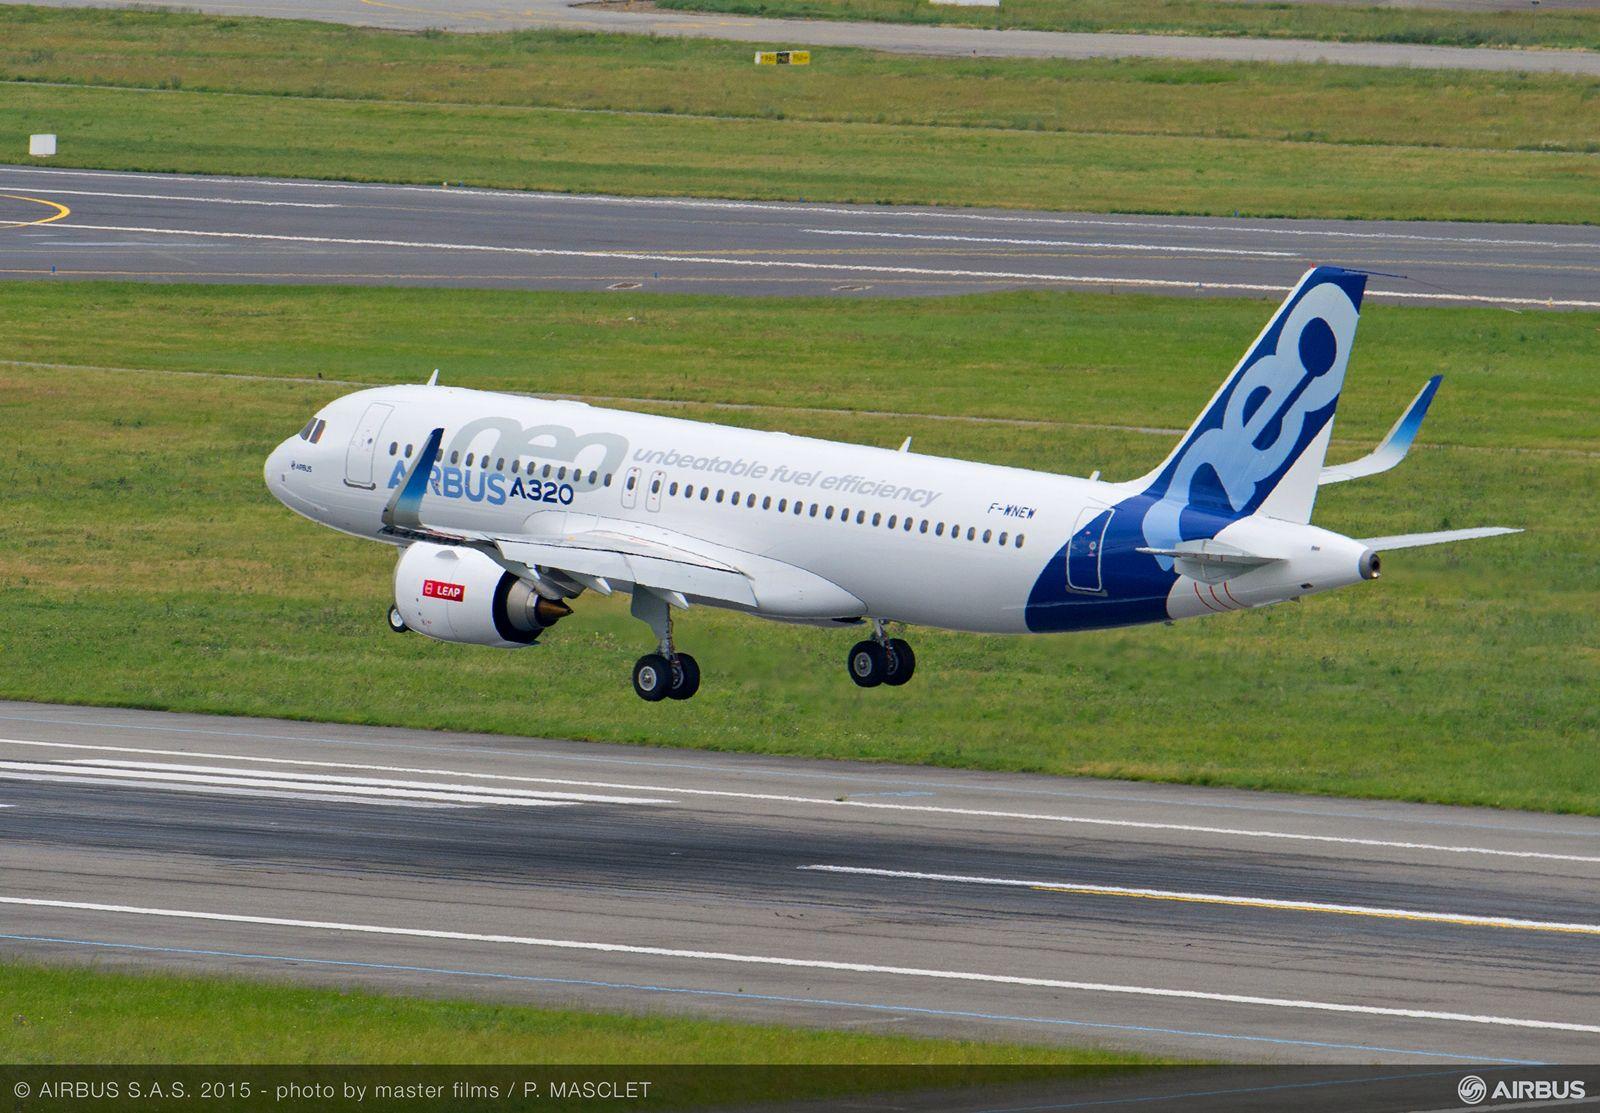 A320neo prototípus leszállás közben Toulouse-ban. A kép illusztráció. (Fotó: Airbus) | © AIRportal.hu